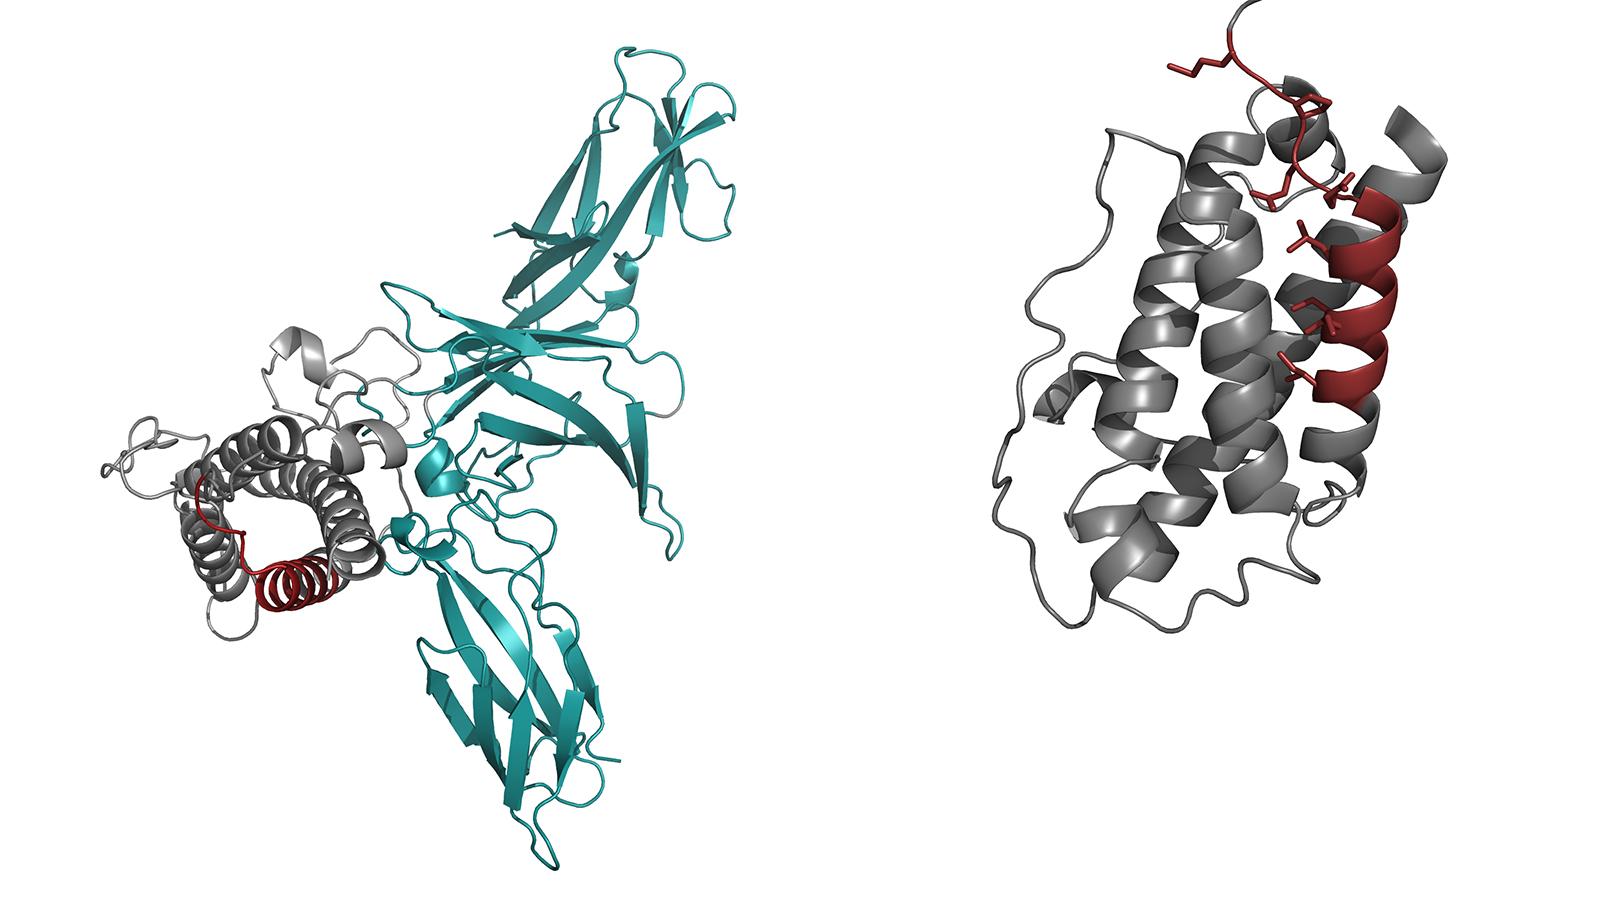 Gesamtstruktur von Interleukin 23 und Detailansicht der modifizierten Version der Komponente IL23-alpha